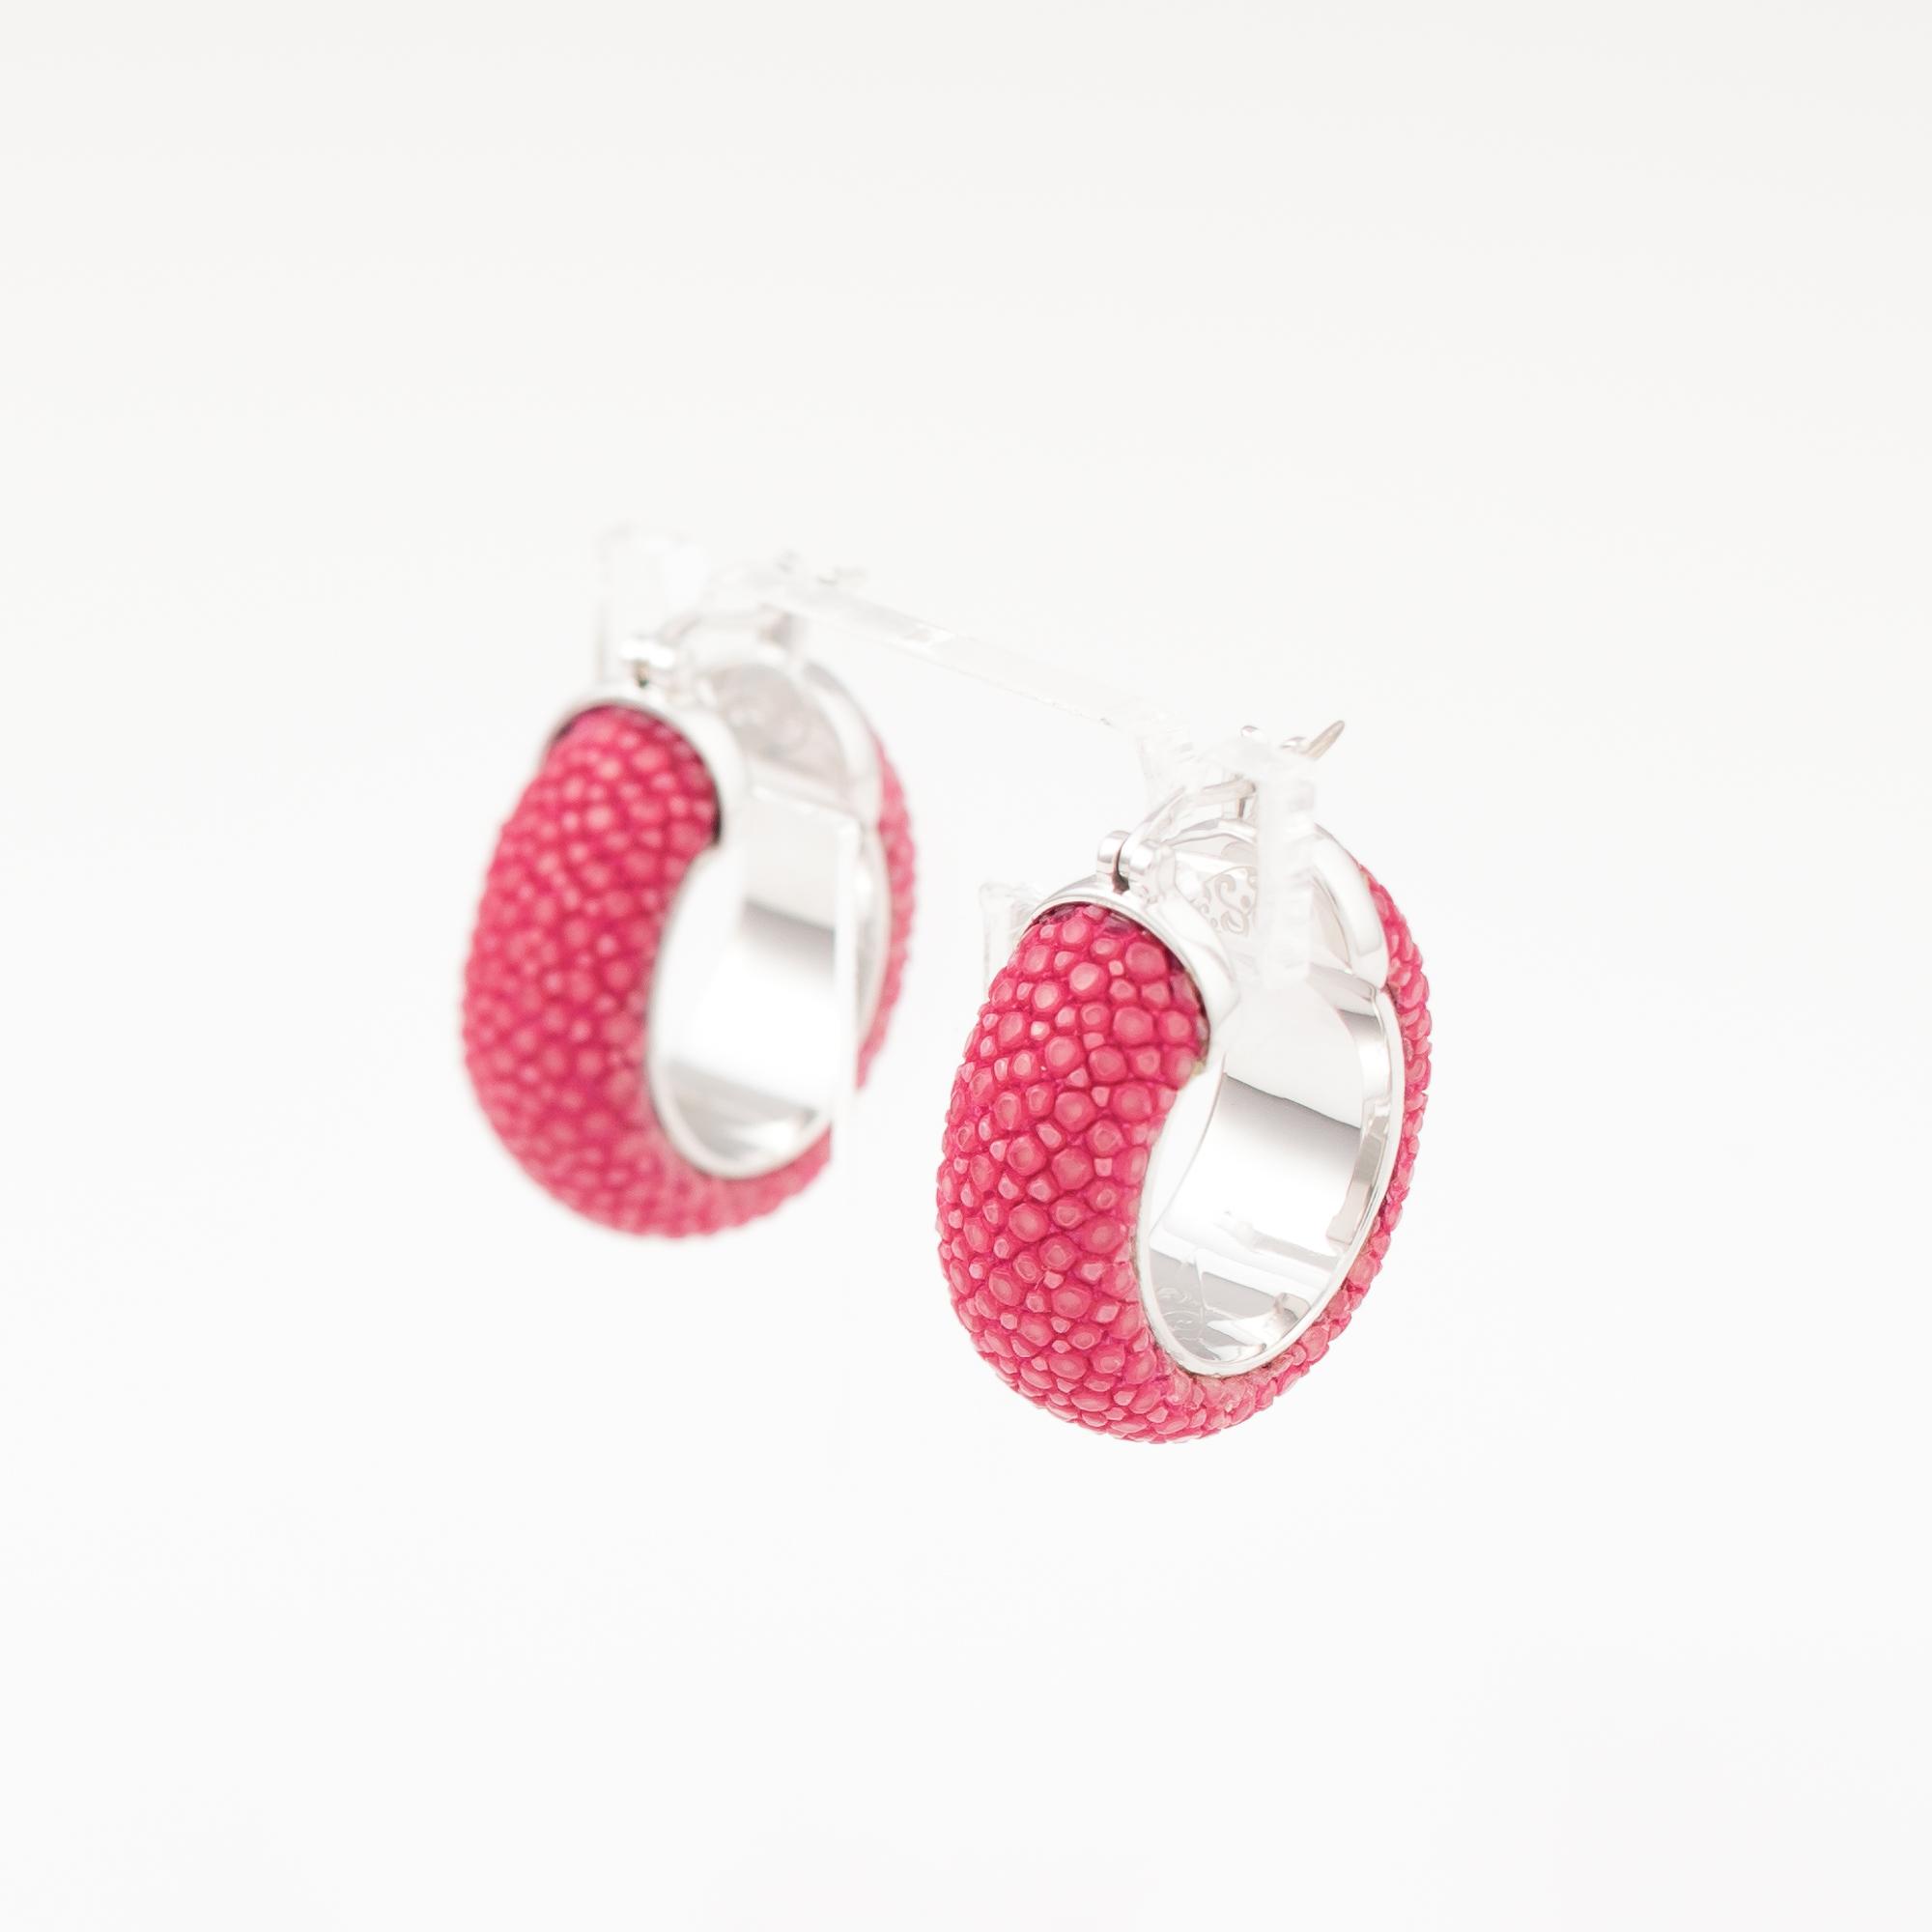 tresor-by-flore-galuchat-boucles-d-oreilles-simplicite-fushia